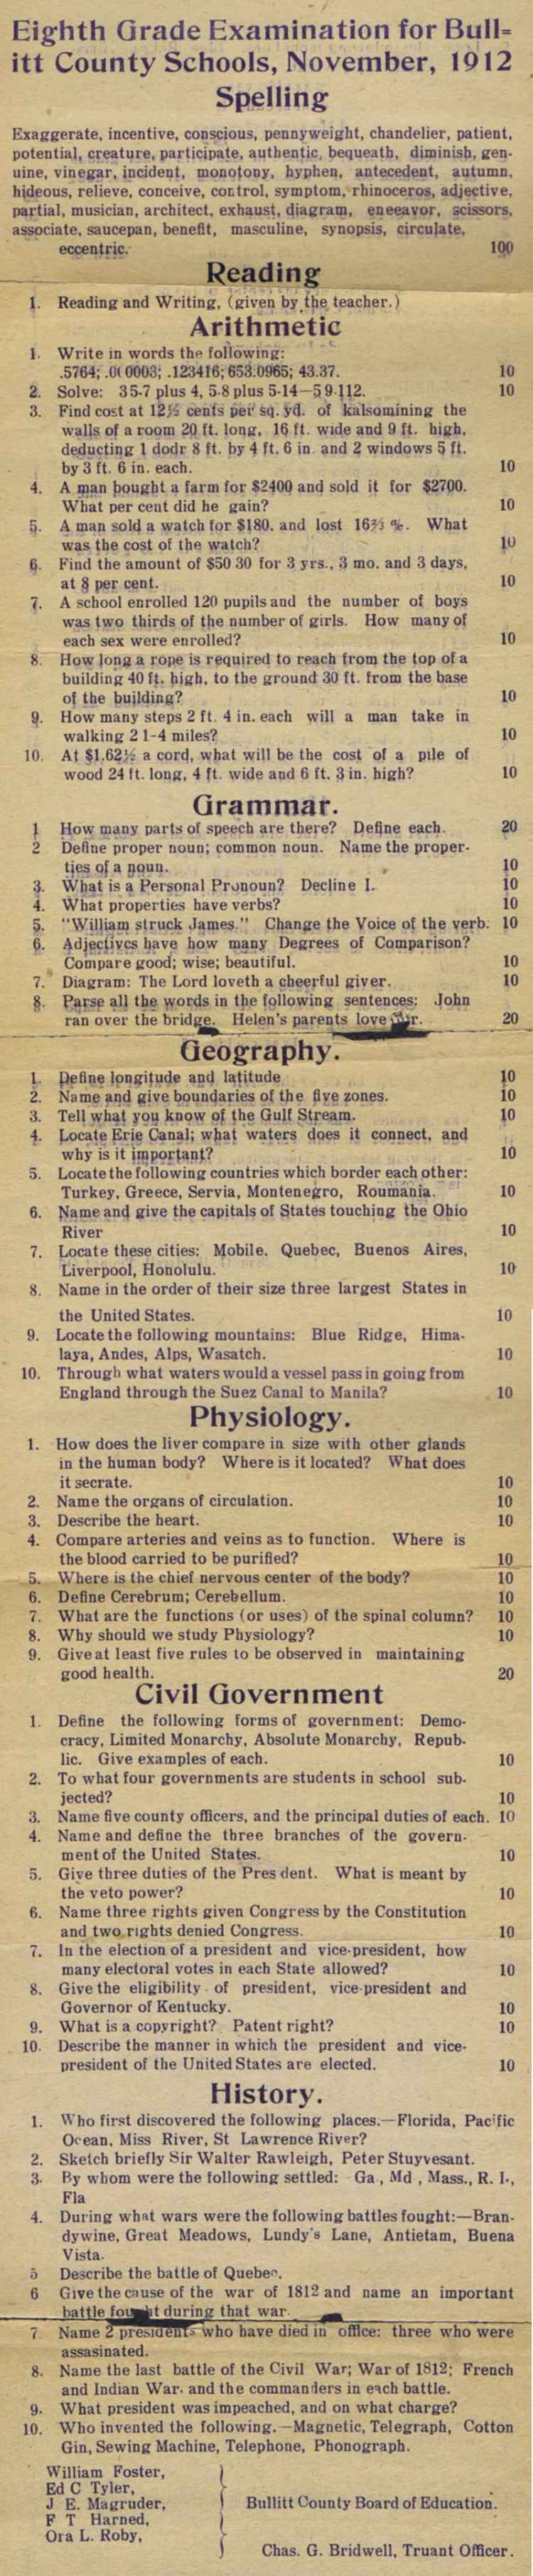 1912 School Exam